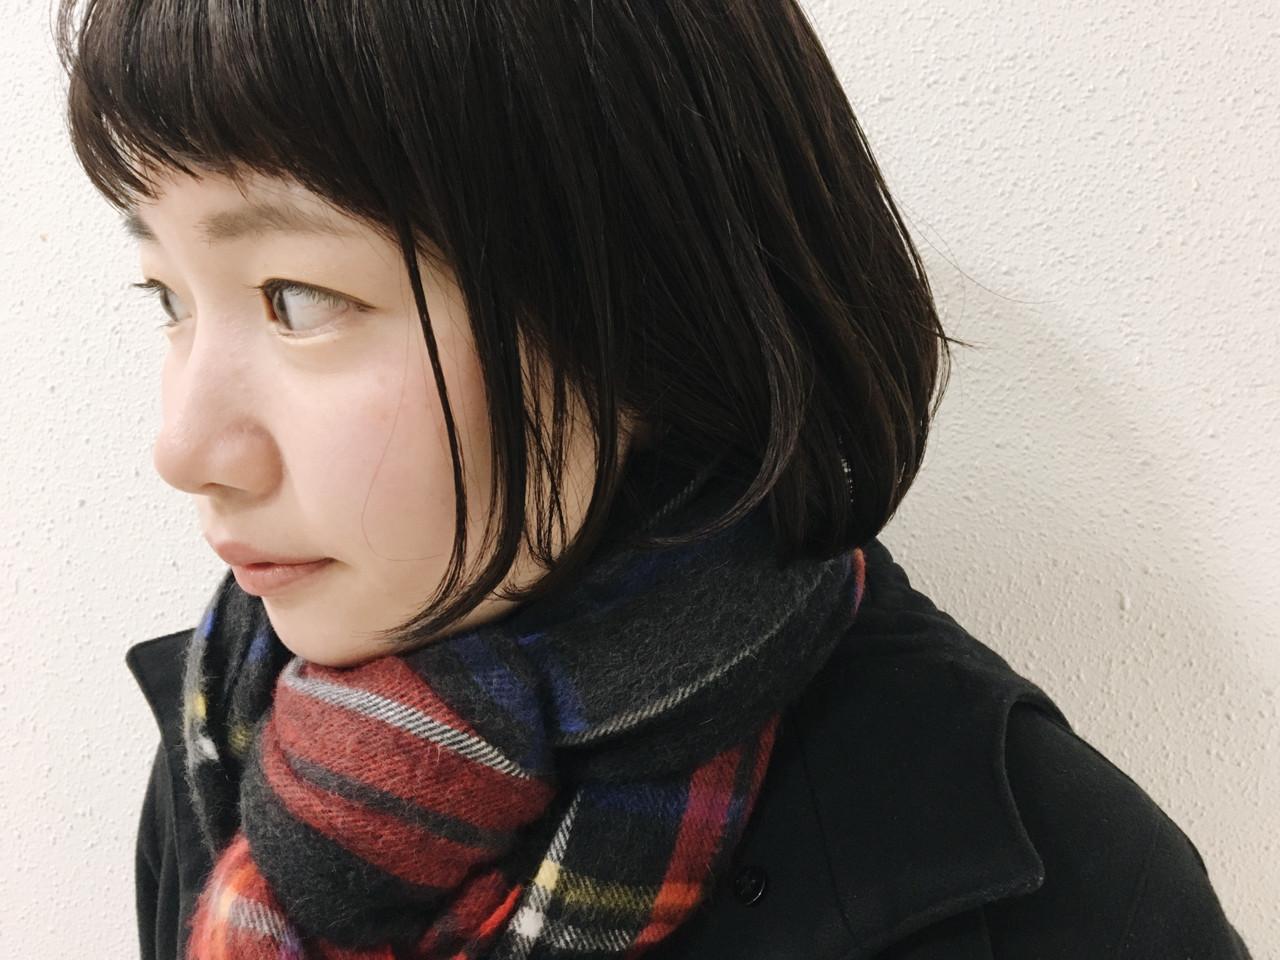 グレー ダークアッシュ ショートボブ ショート ヘアスタイルや髪型の写真・画像 | 長 賢太郎 / ky-go